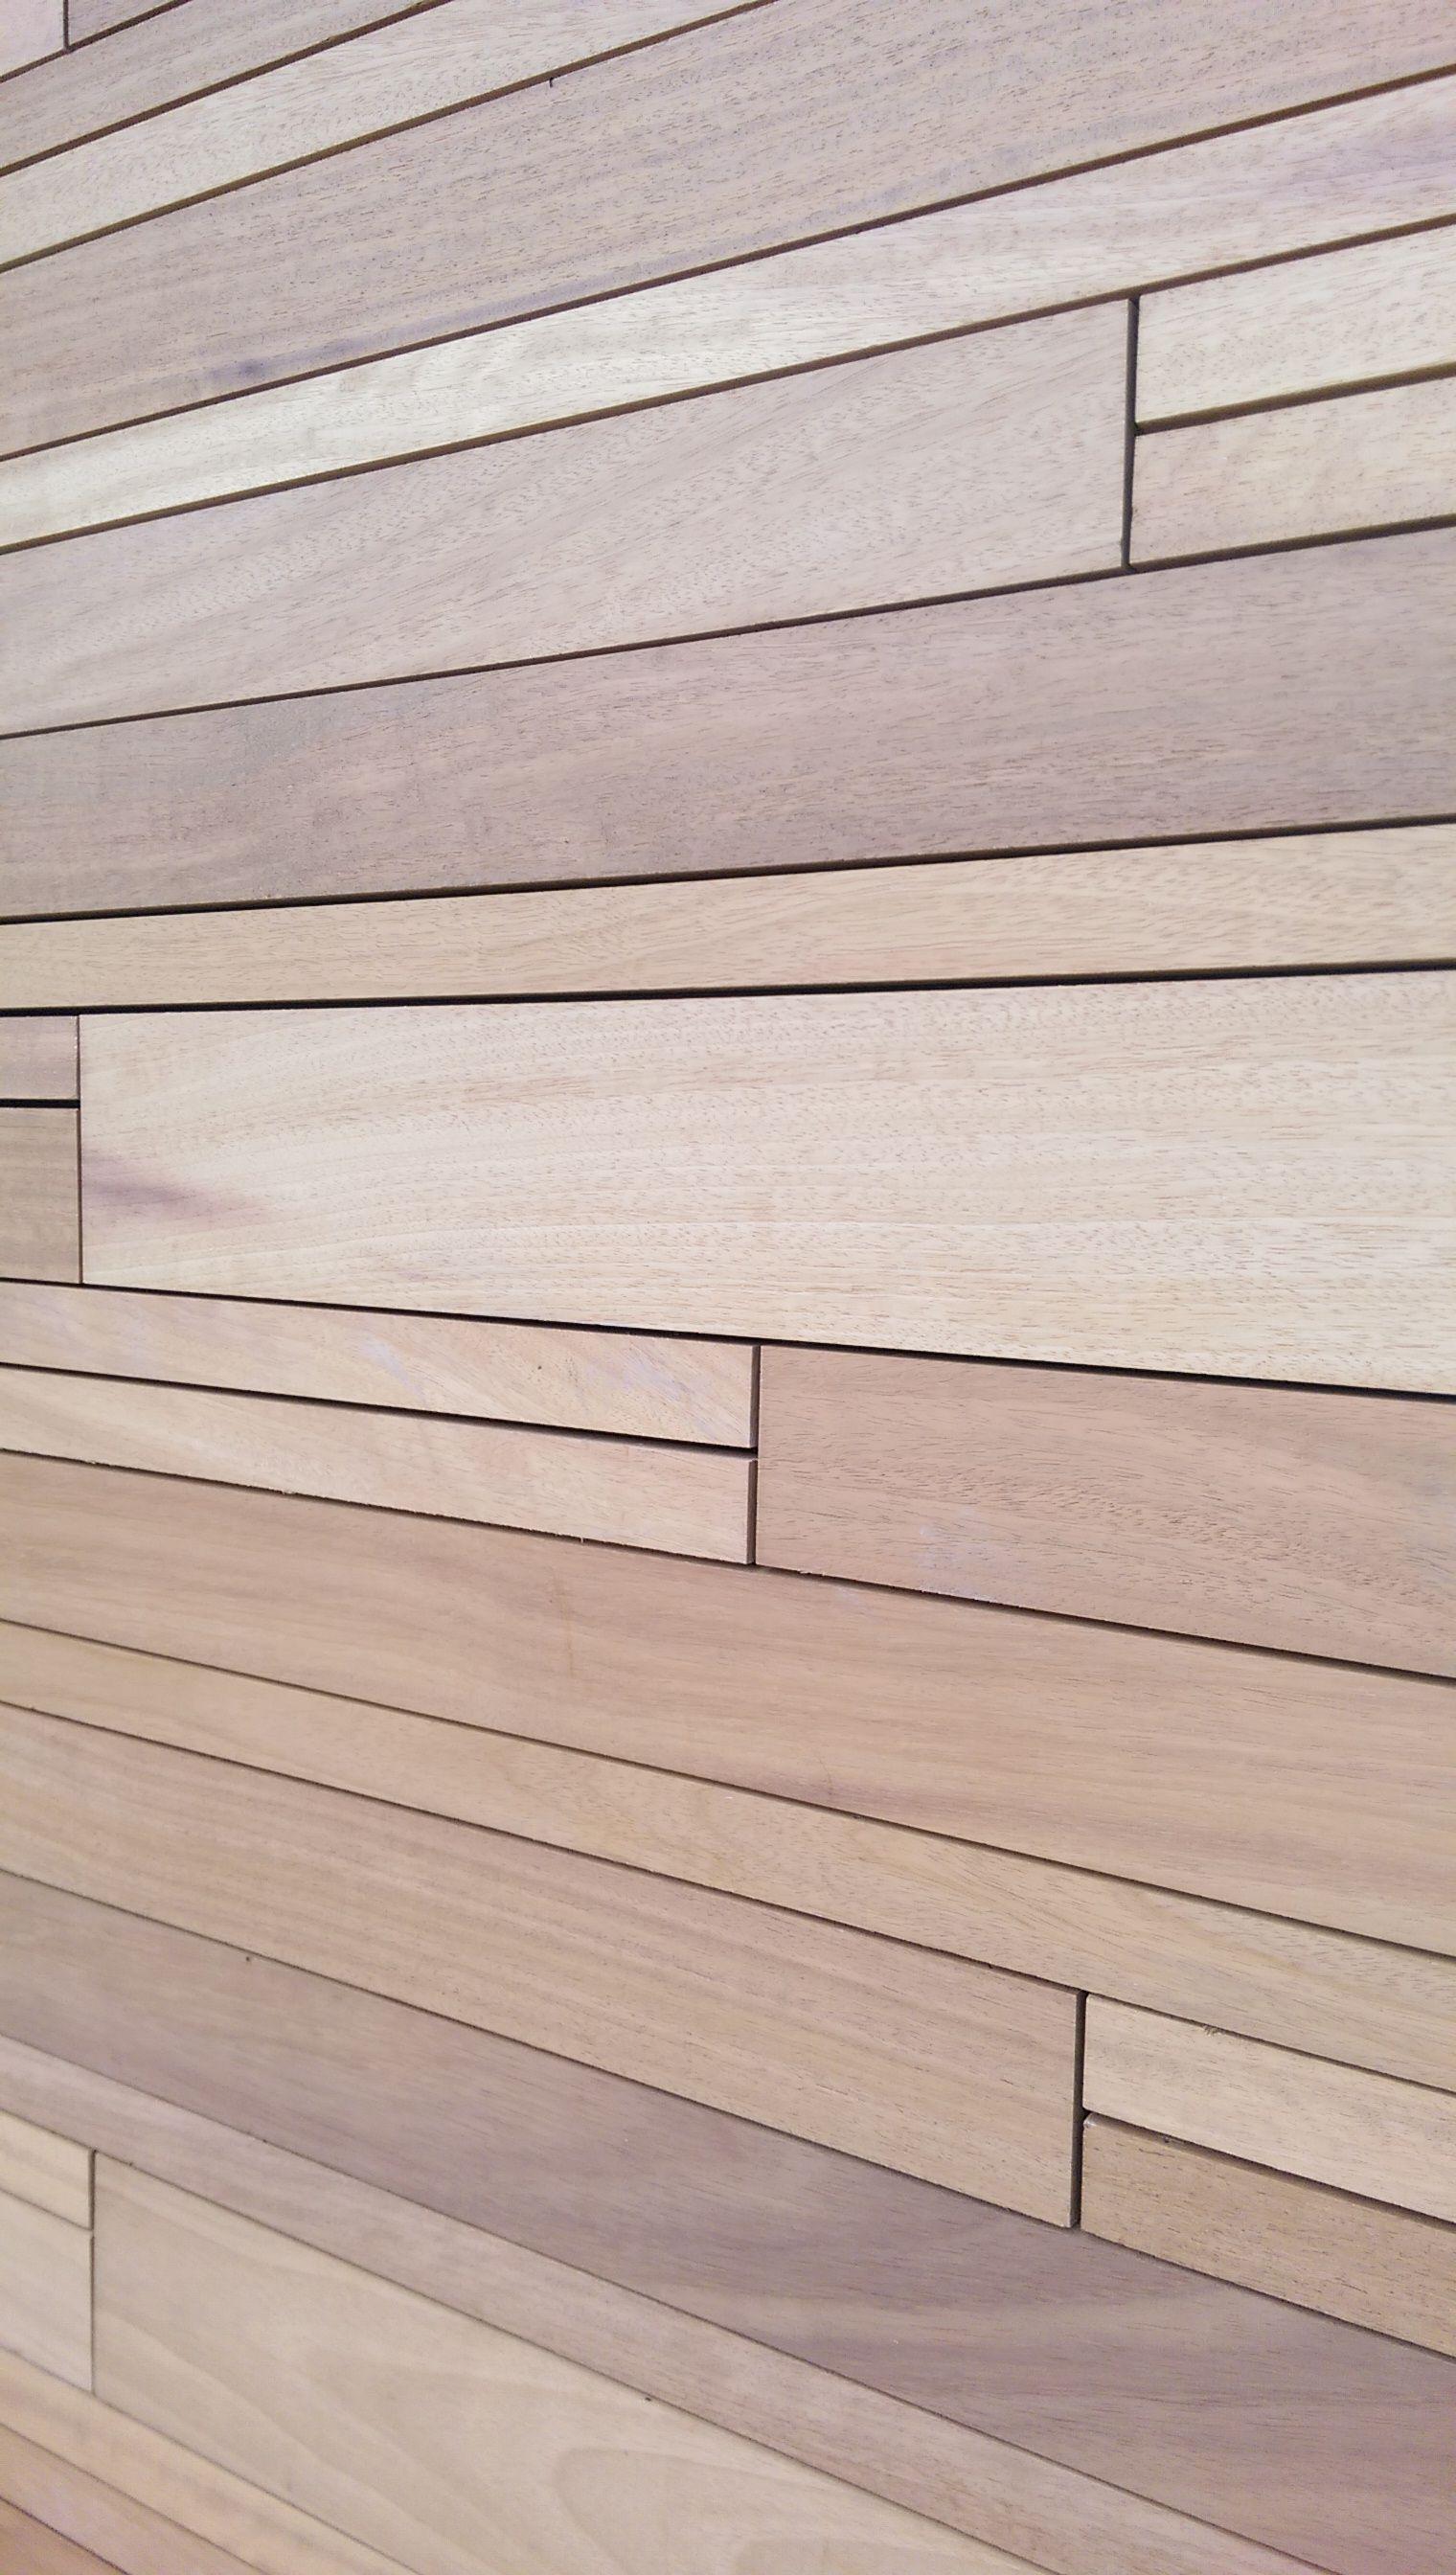 Iroko cladding riverside house henley adlon - Wooden cladding for exterior walls ...